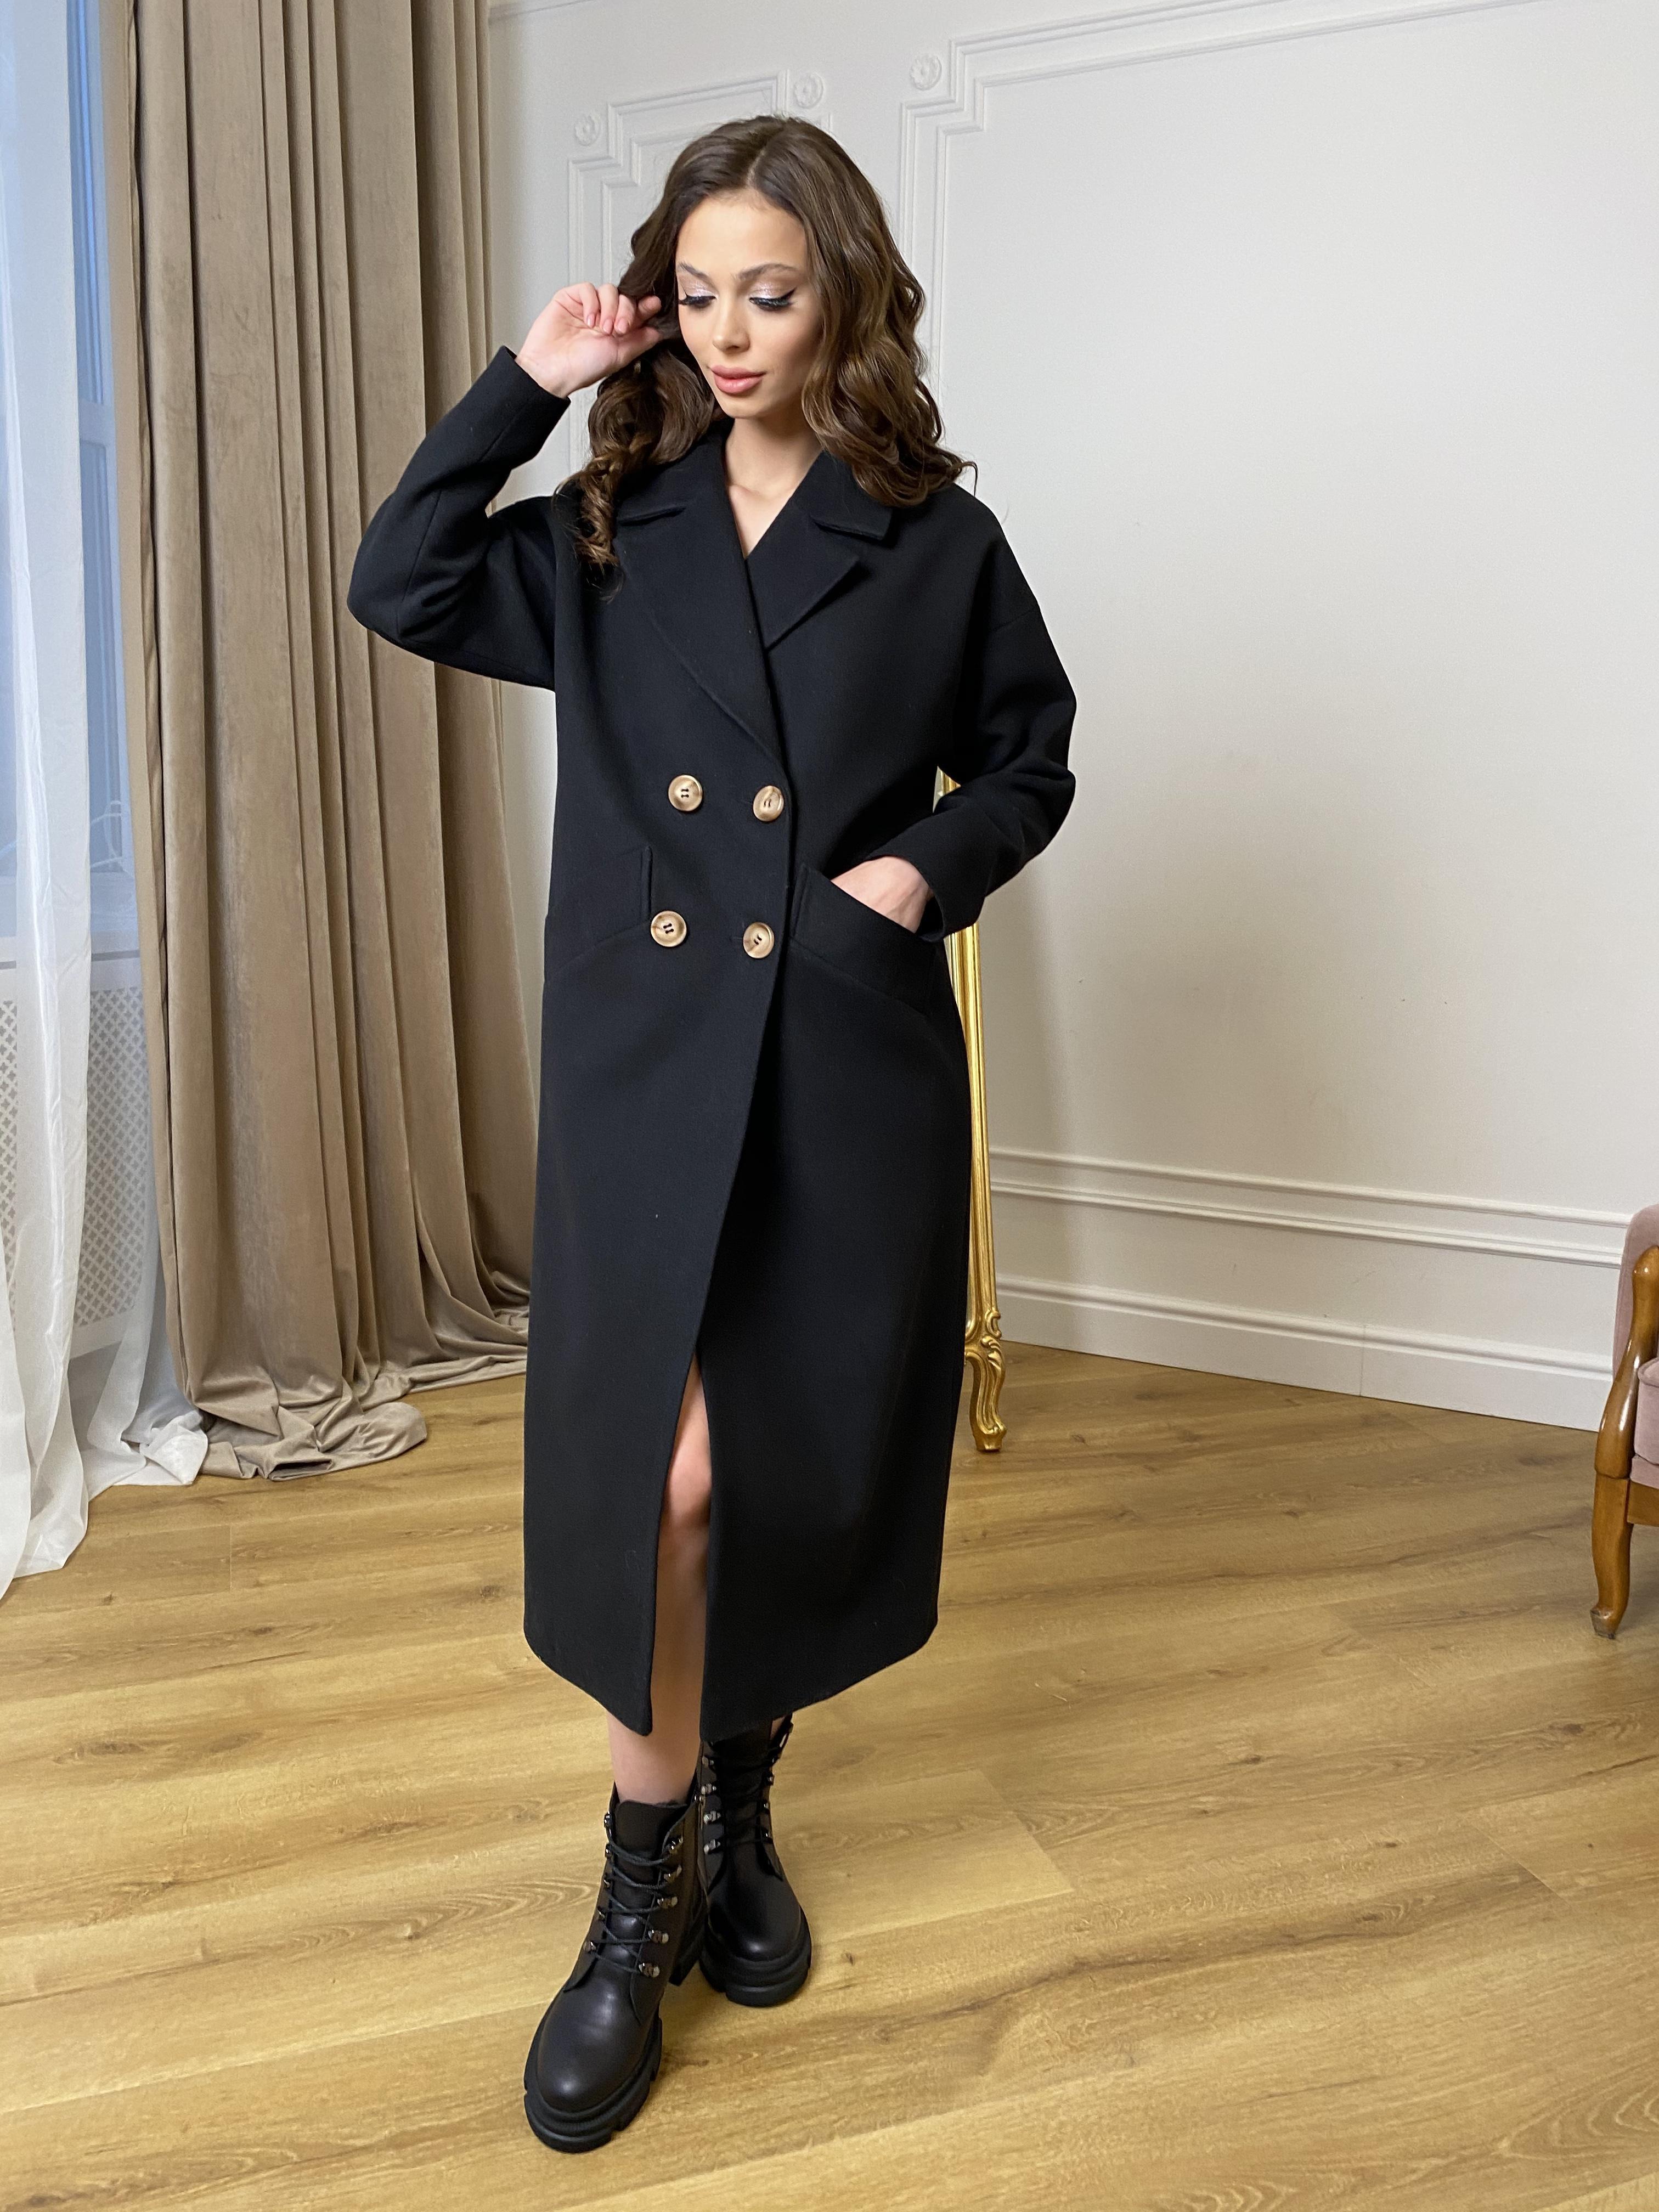 Сенсей пальто макси из кашемира   10309 АРТ. 46614 Цвет: Черный - фото 1, интернет магазин tm-modus.ru